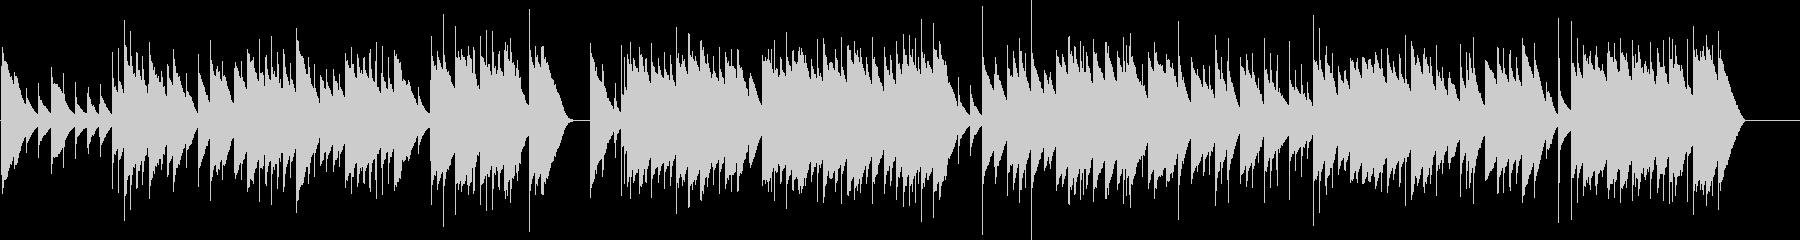 バッハ G線上のアリア オルゴールの未再生の波形